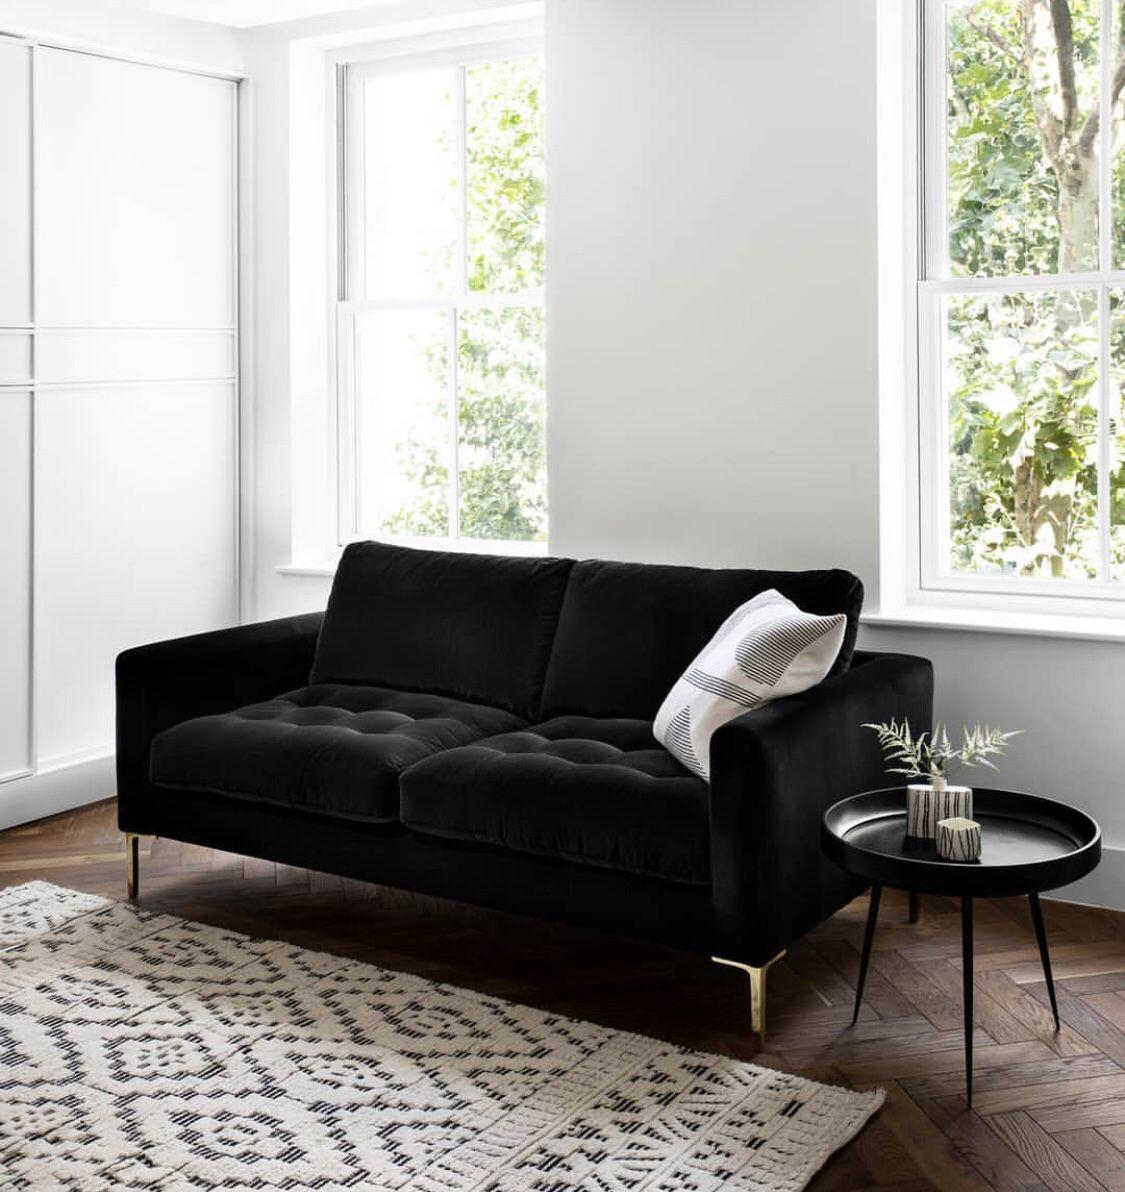 How To Style A Black Sofa  Black sofa living room decor, Black